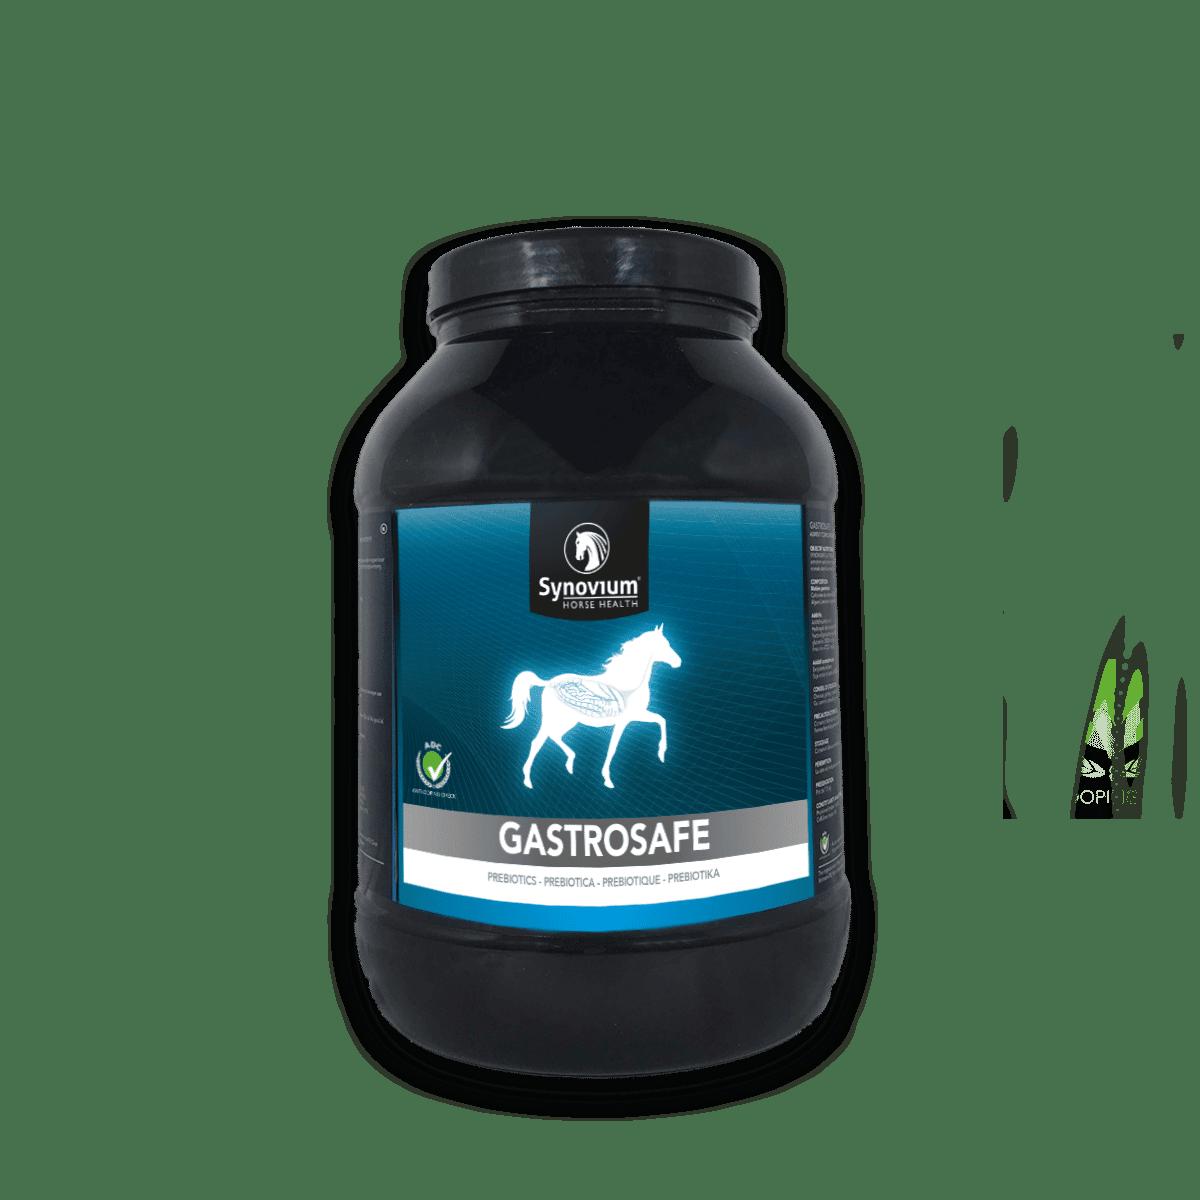 Gastrosafe Gut Balancer for horses, horse supplements for ulcers 1.5kg